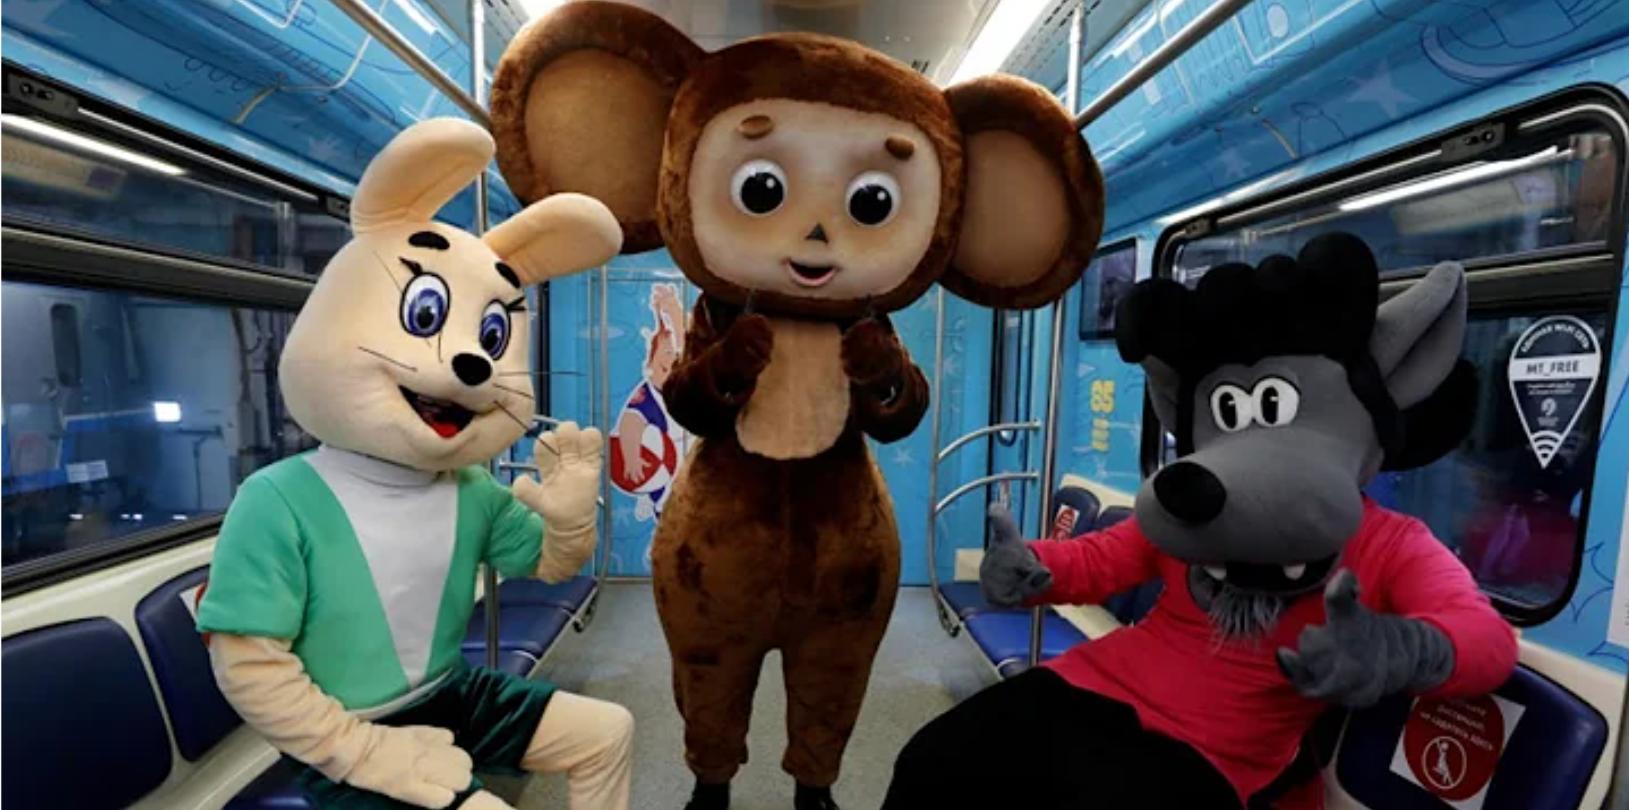 Wilk i Zając, Czeburaszka i inni bohaterowie najsłynniejszych rosyjskich kreskówek na wagonach moskiewskiego metra